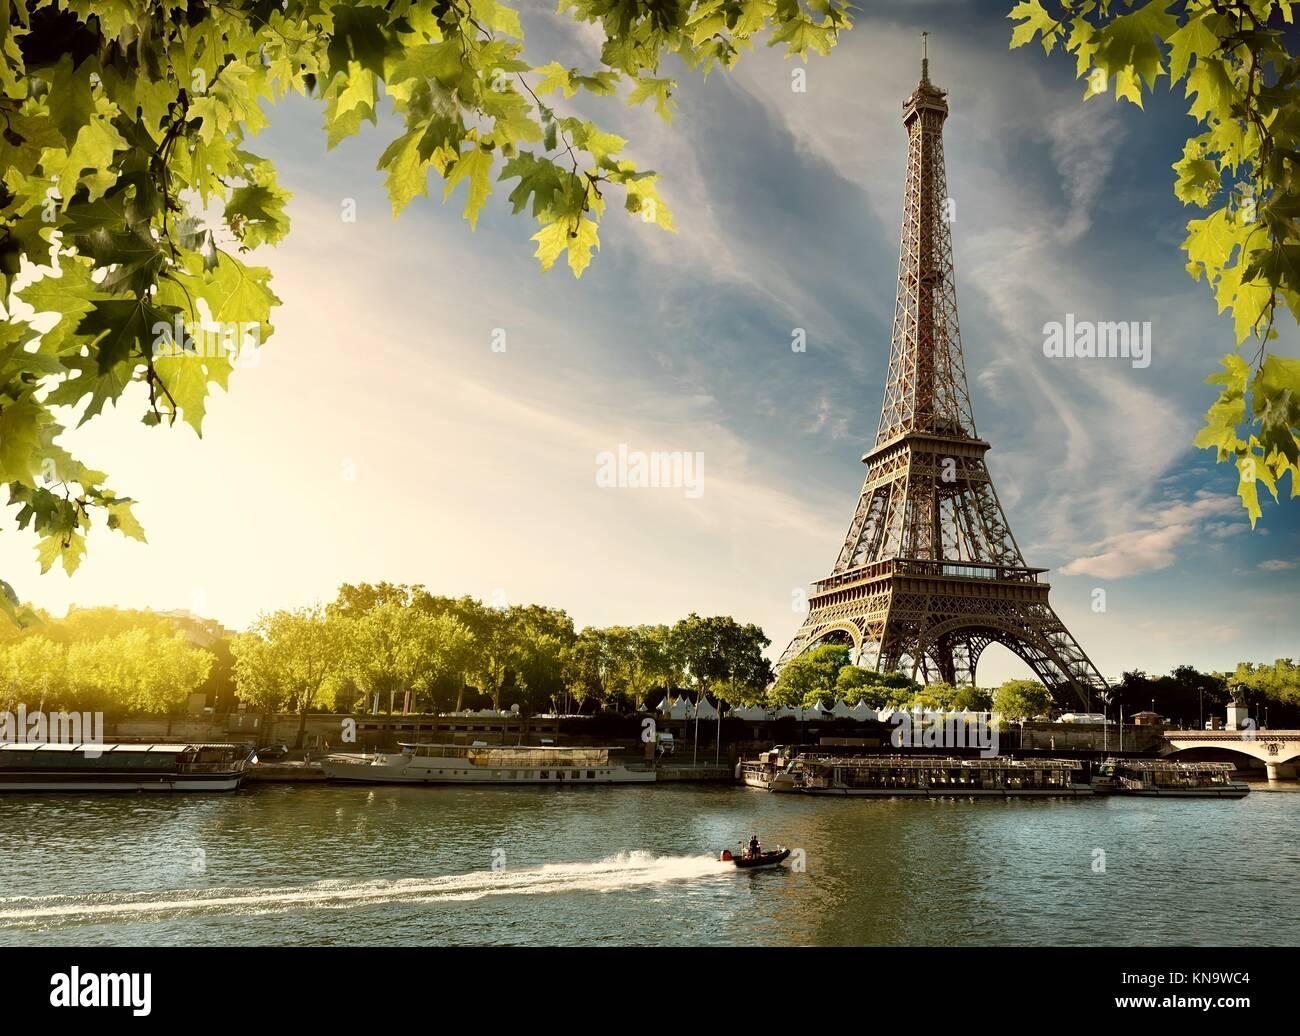 Coucher de soleil sur Paris avec la vue sur la Tour Eiffel et de la Seine, en France. Photo Stock